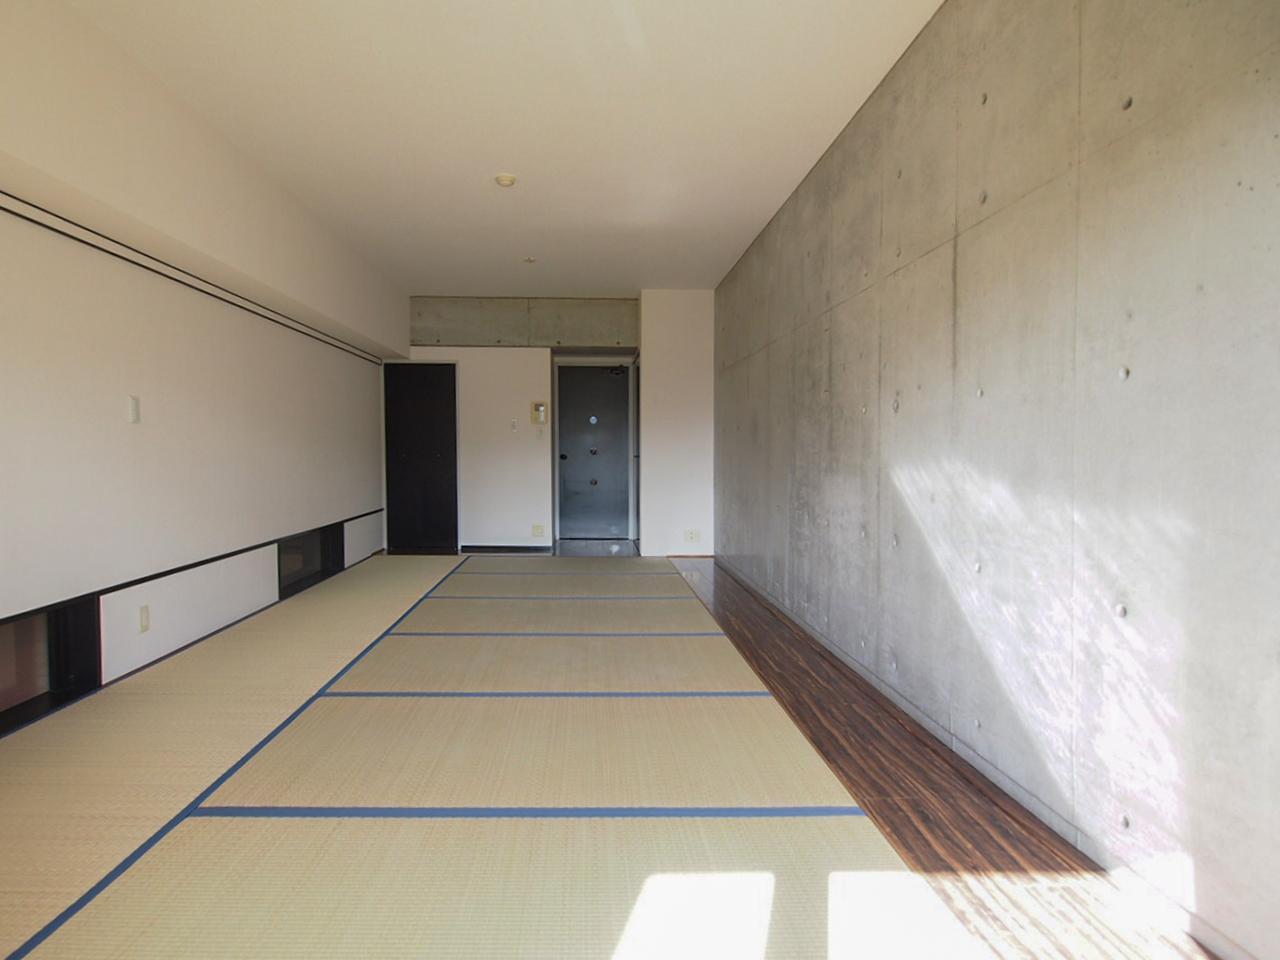 畳とコンクリートが共存する空間